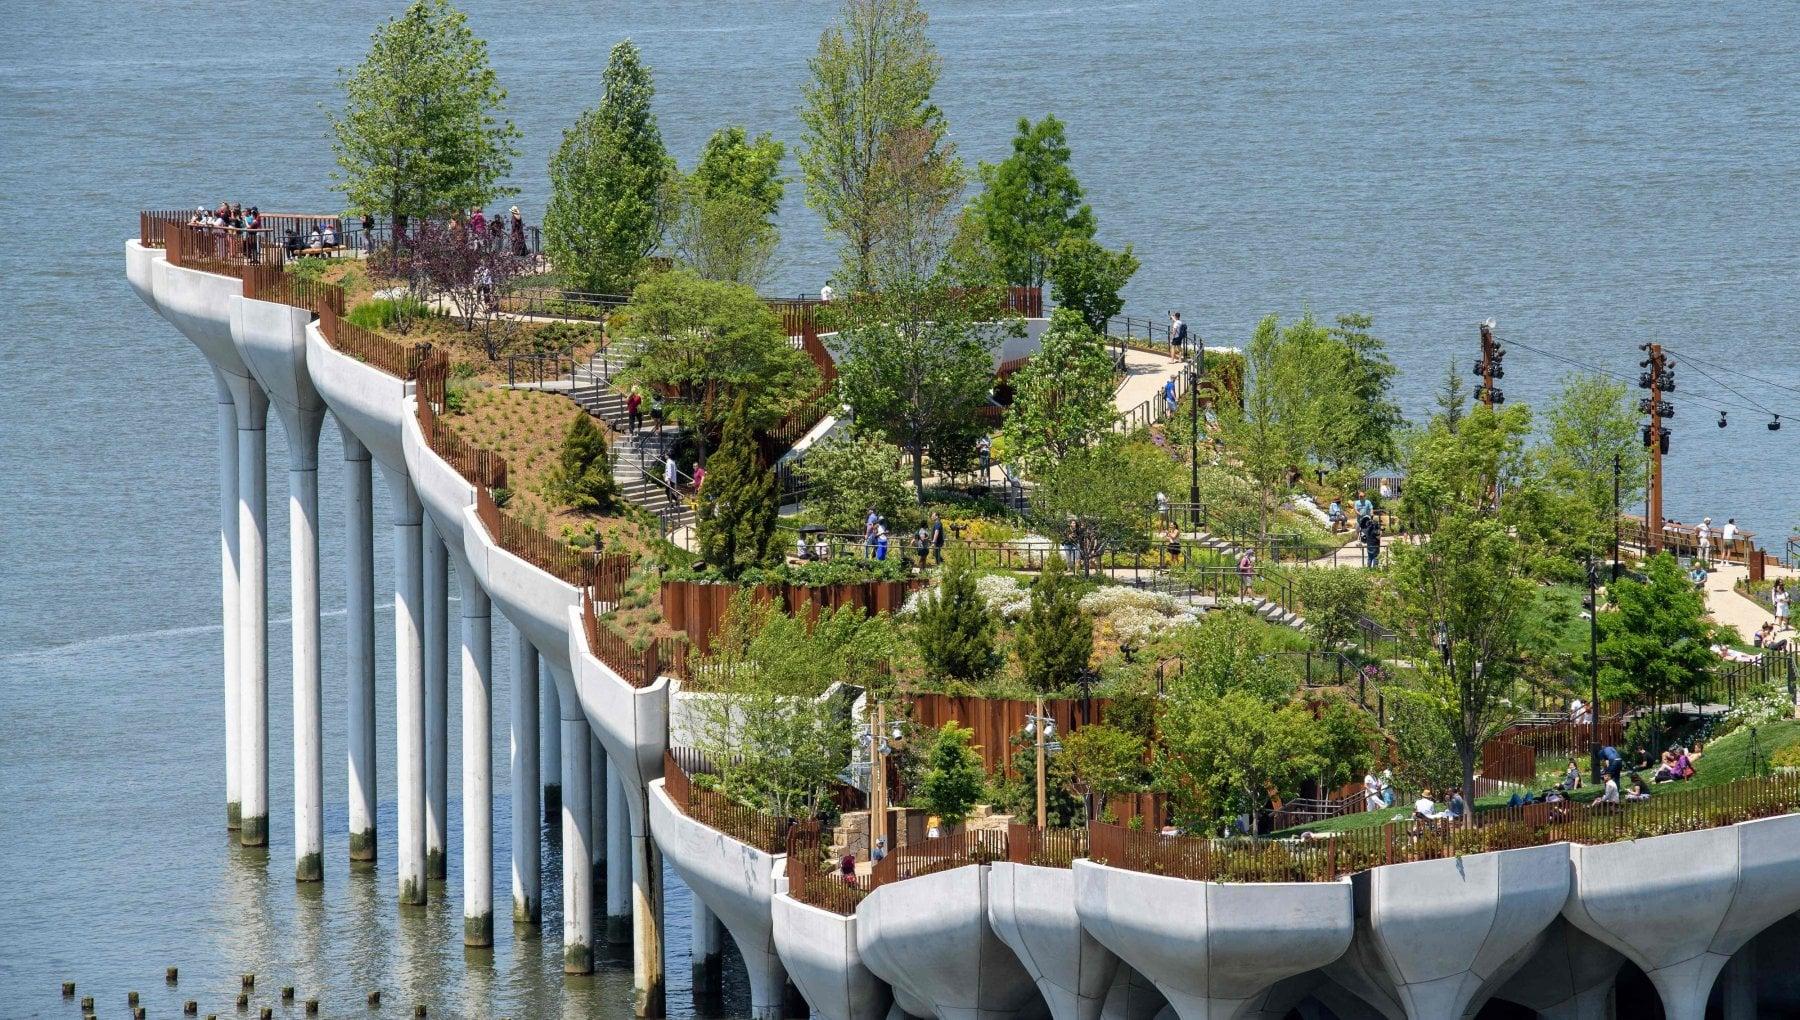 182253005 2fd35e04 2a63 445d a4f3 f91ed350c621 - New York, inaugurata la nuova isola artificiale: è un giardino pensile sulle acque dell'Hudson